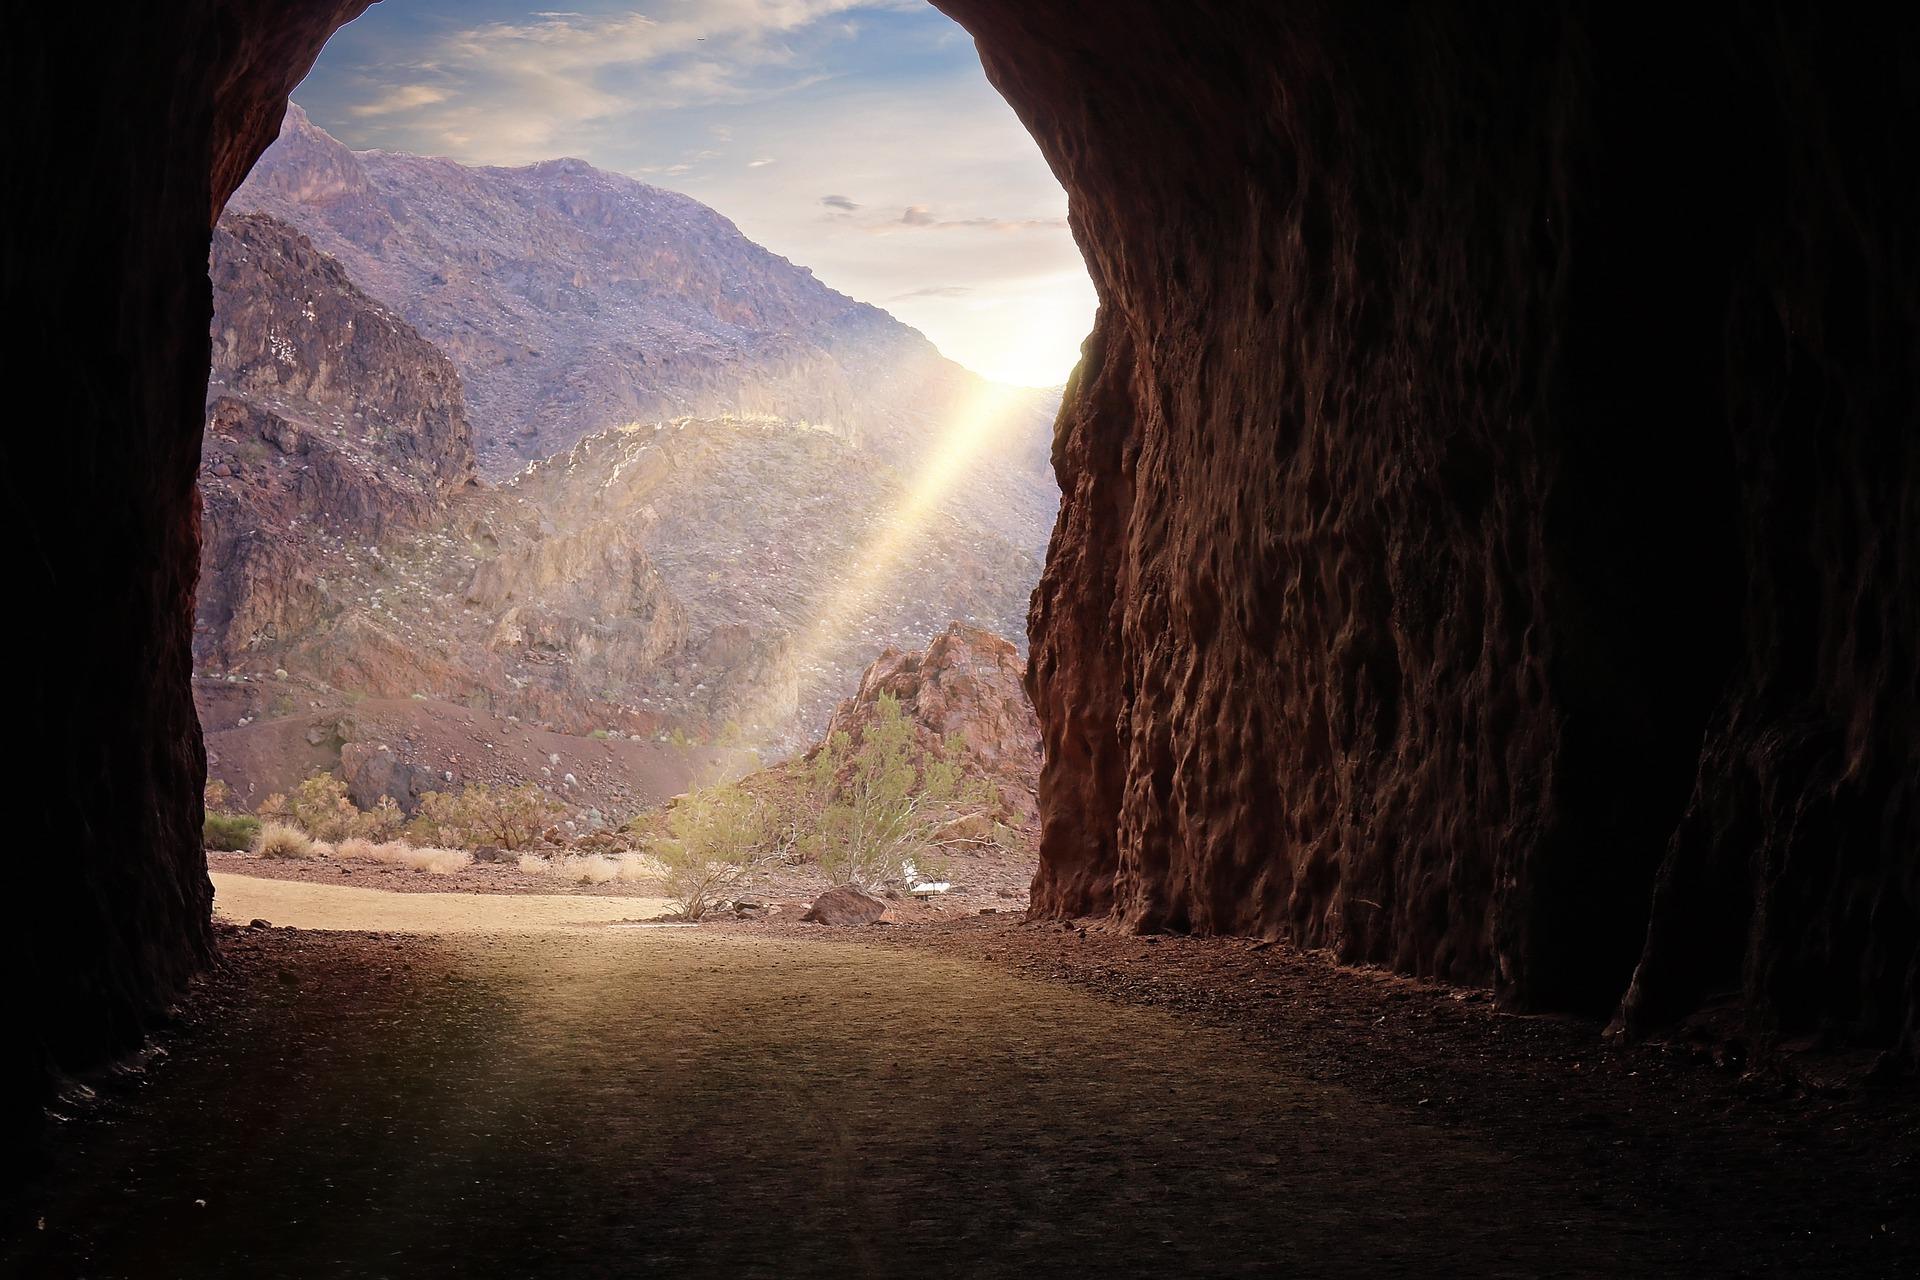 Lichtblick nach Tunnel